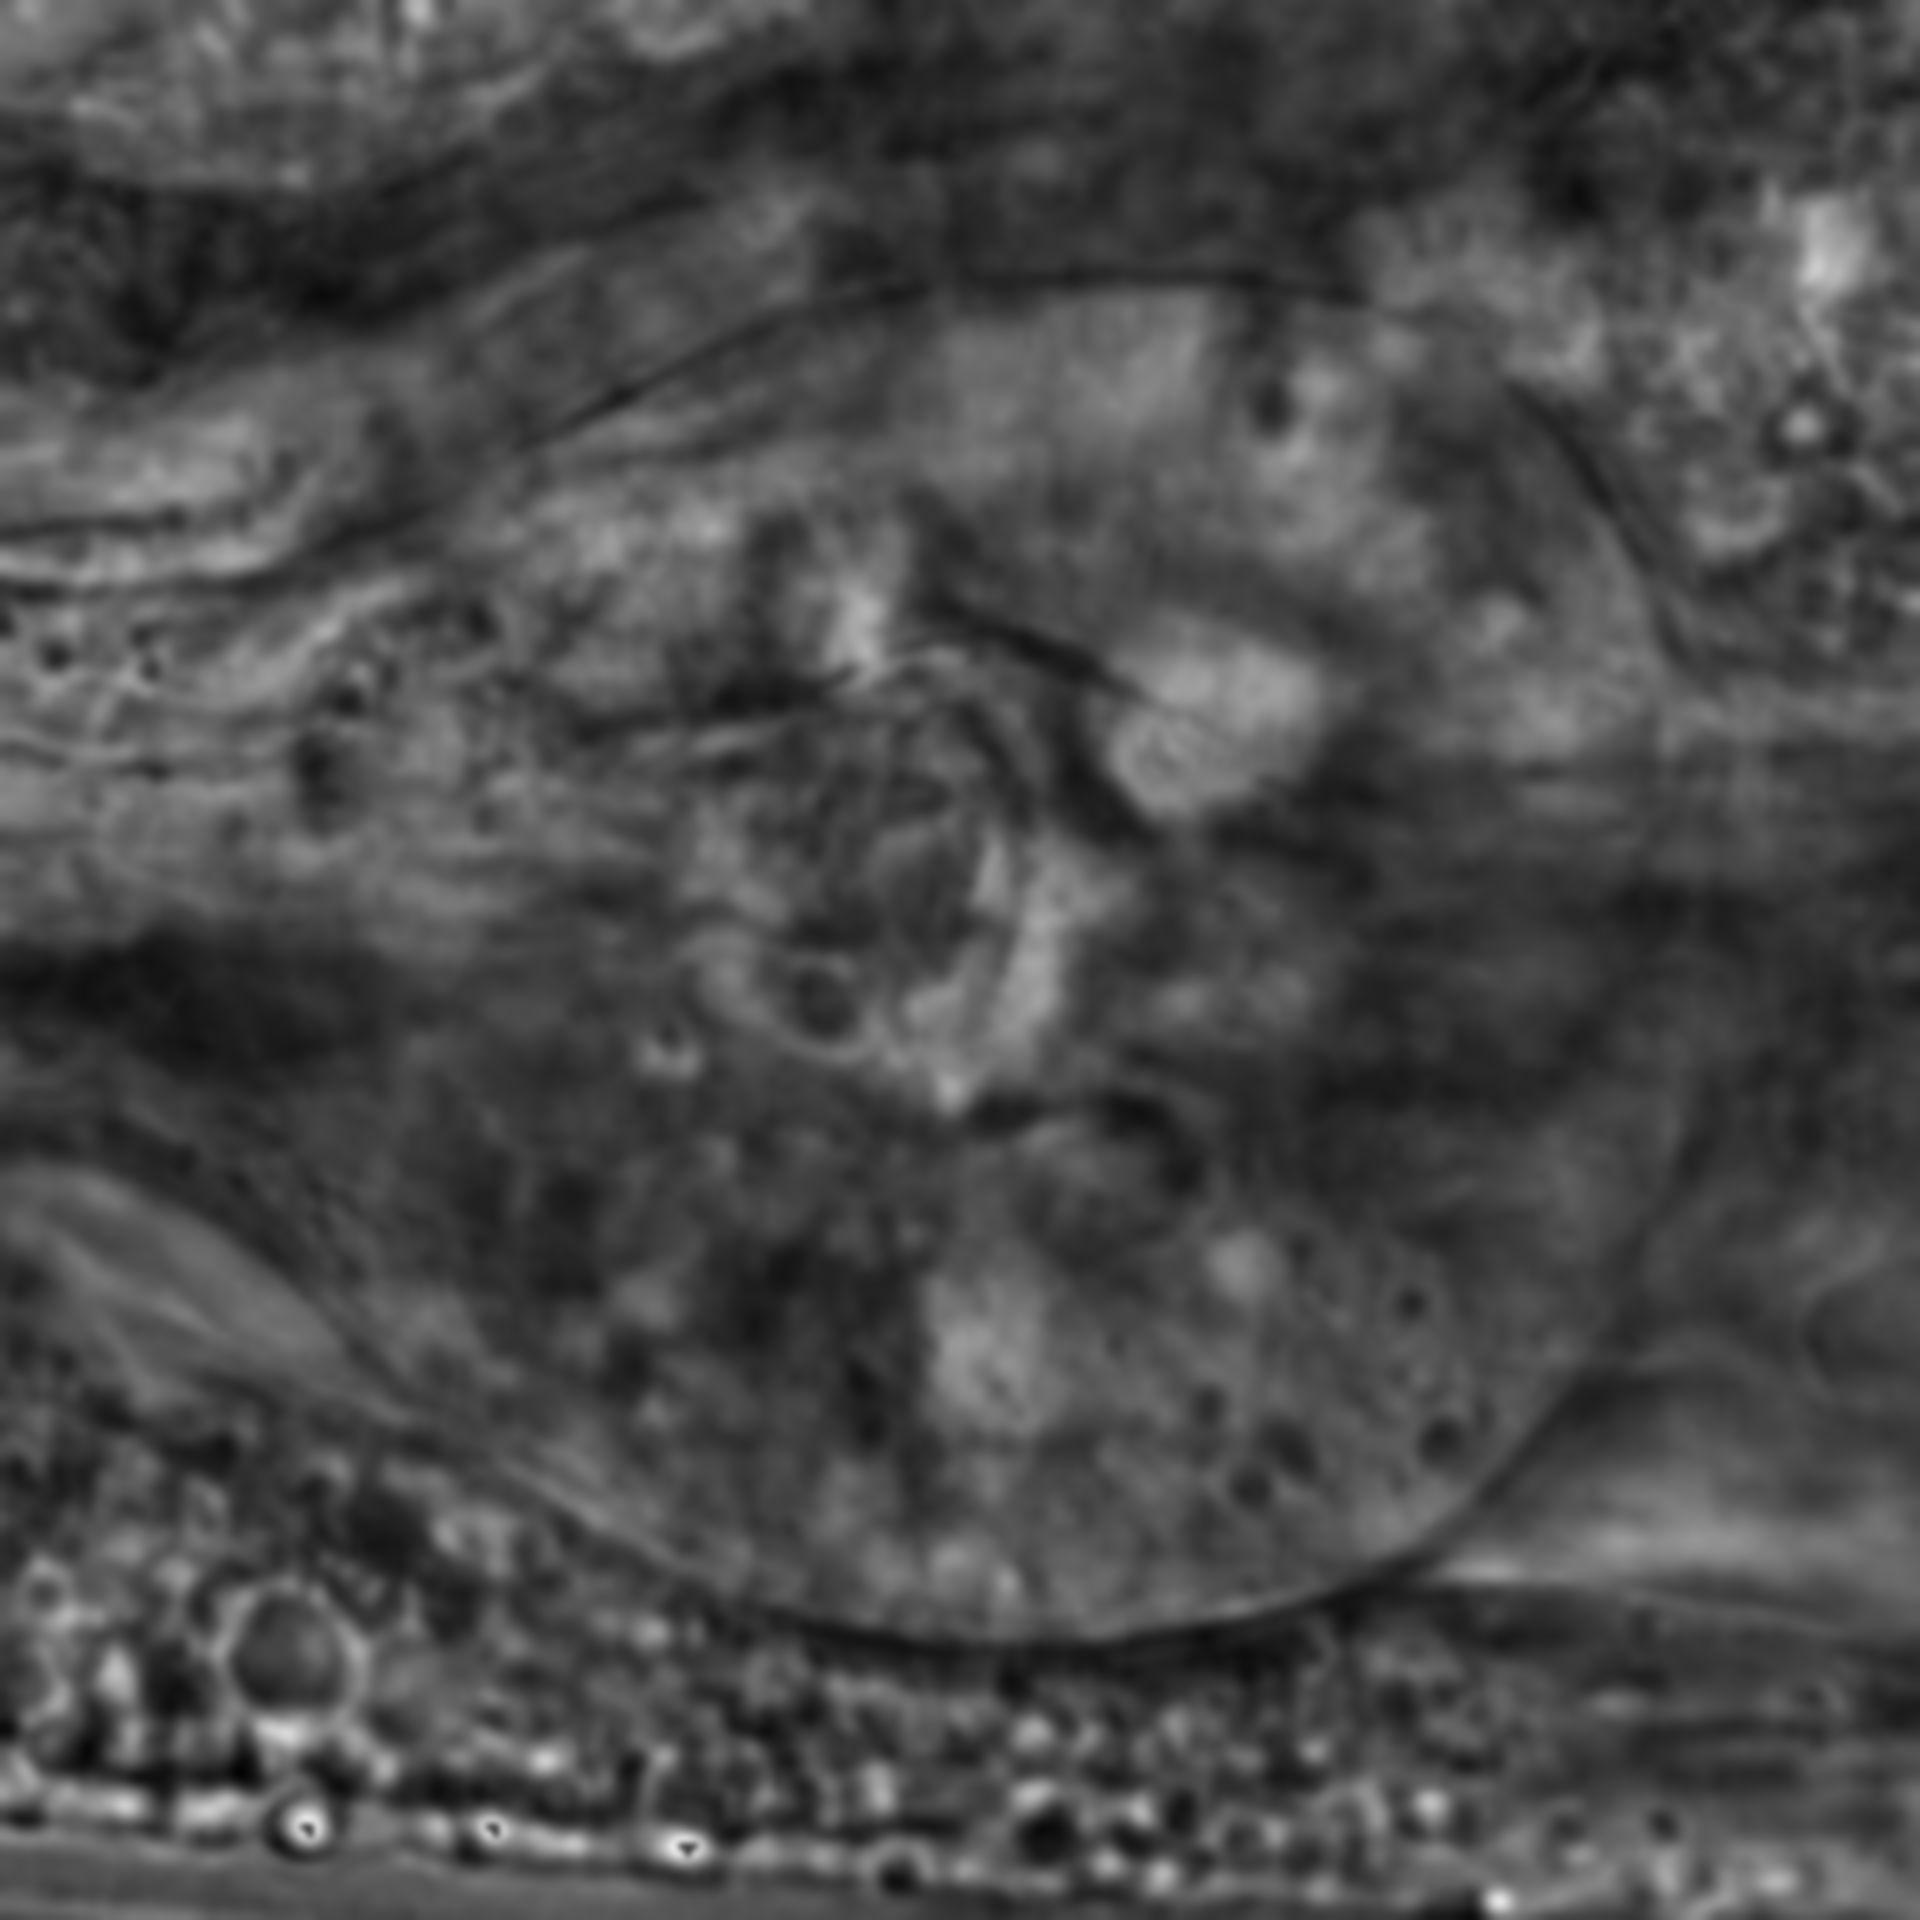 Caenorhabditis elegans - CIL:2670